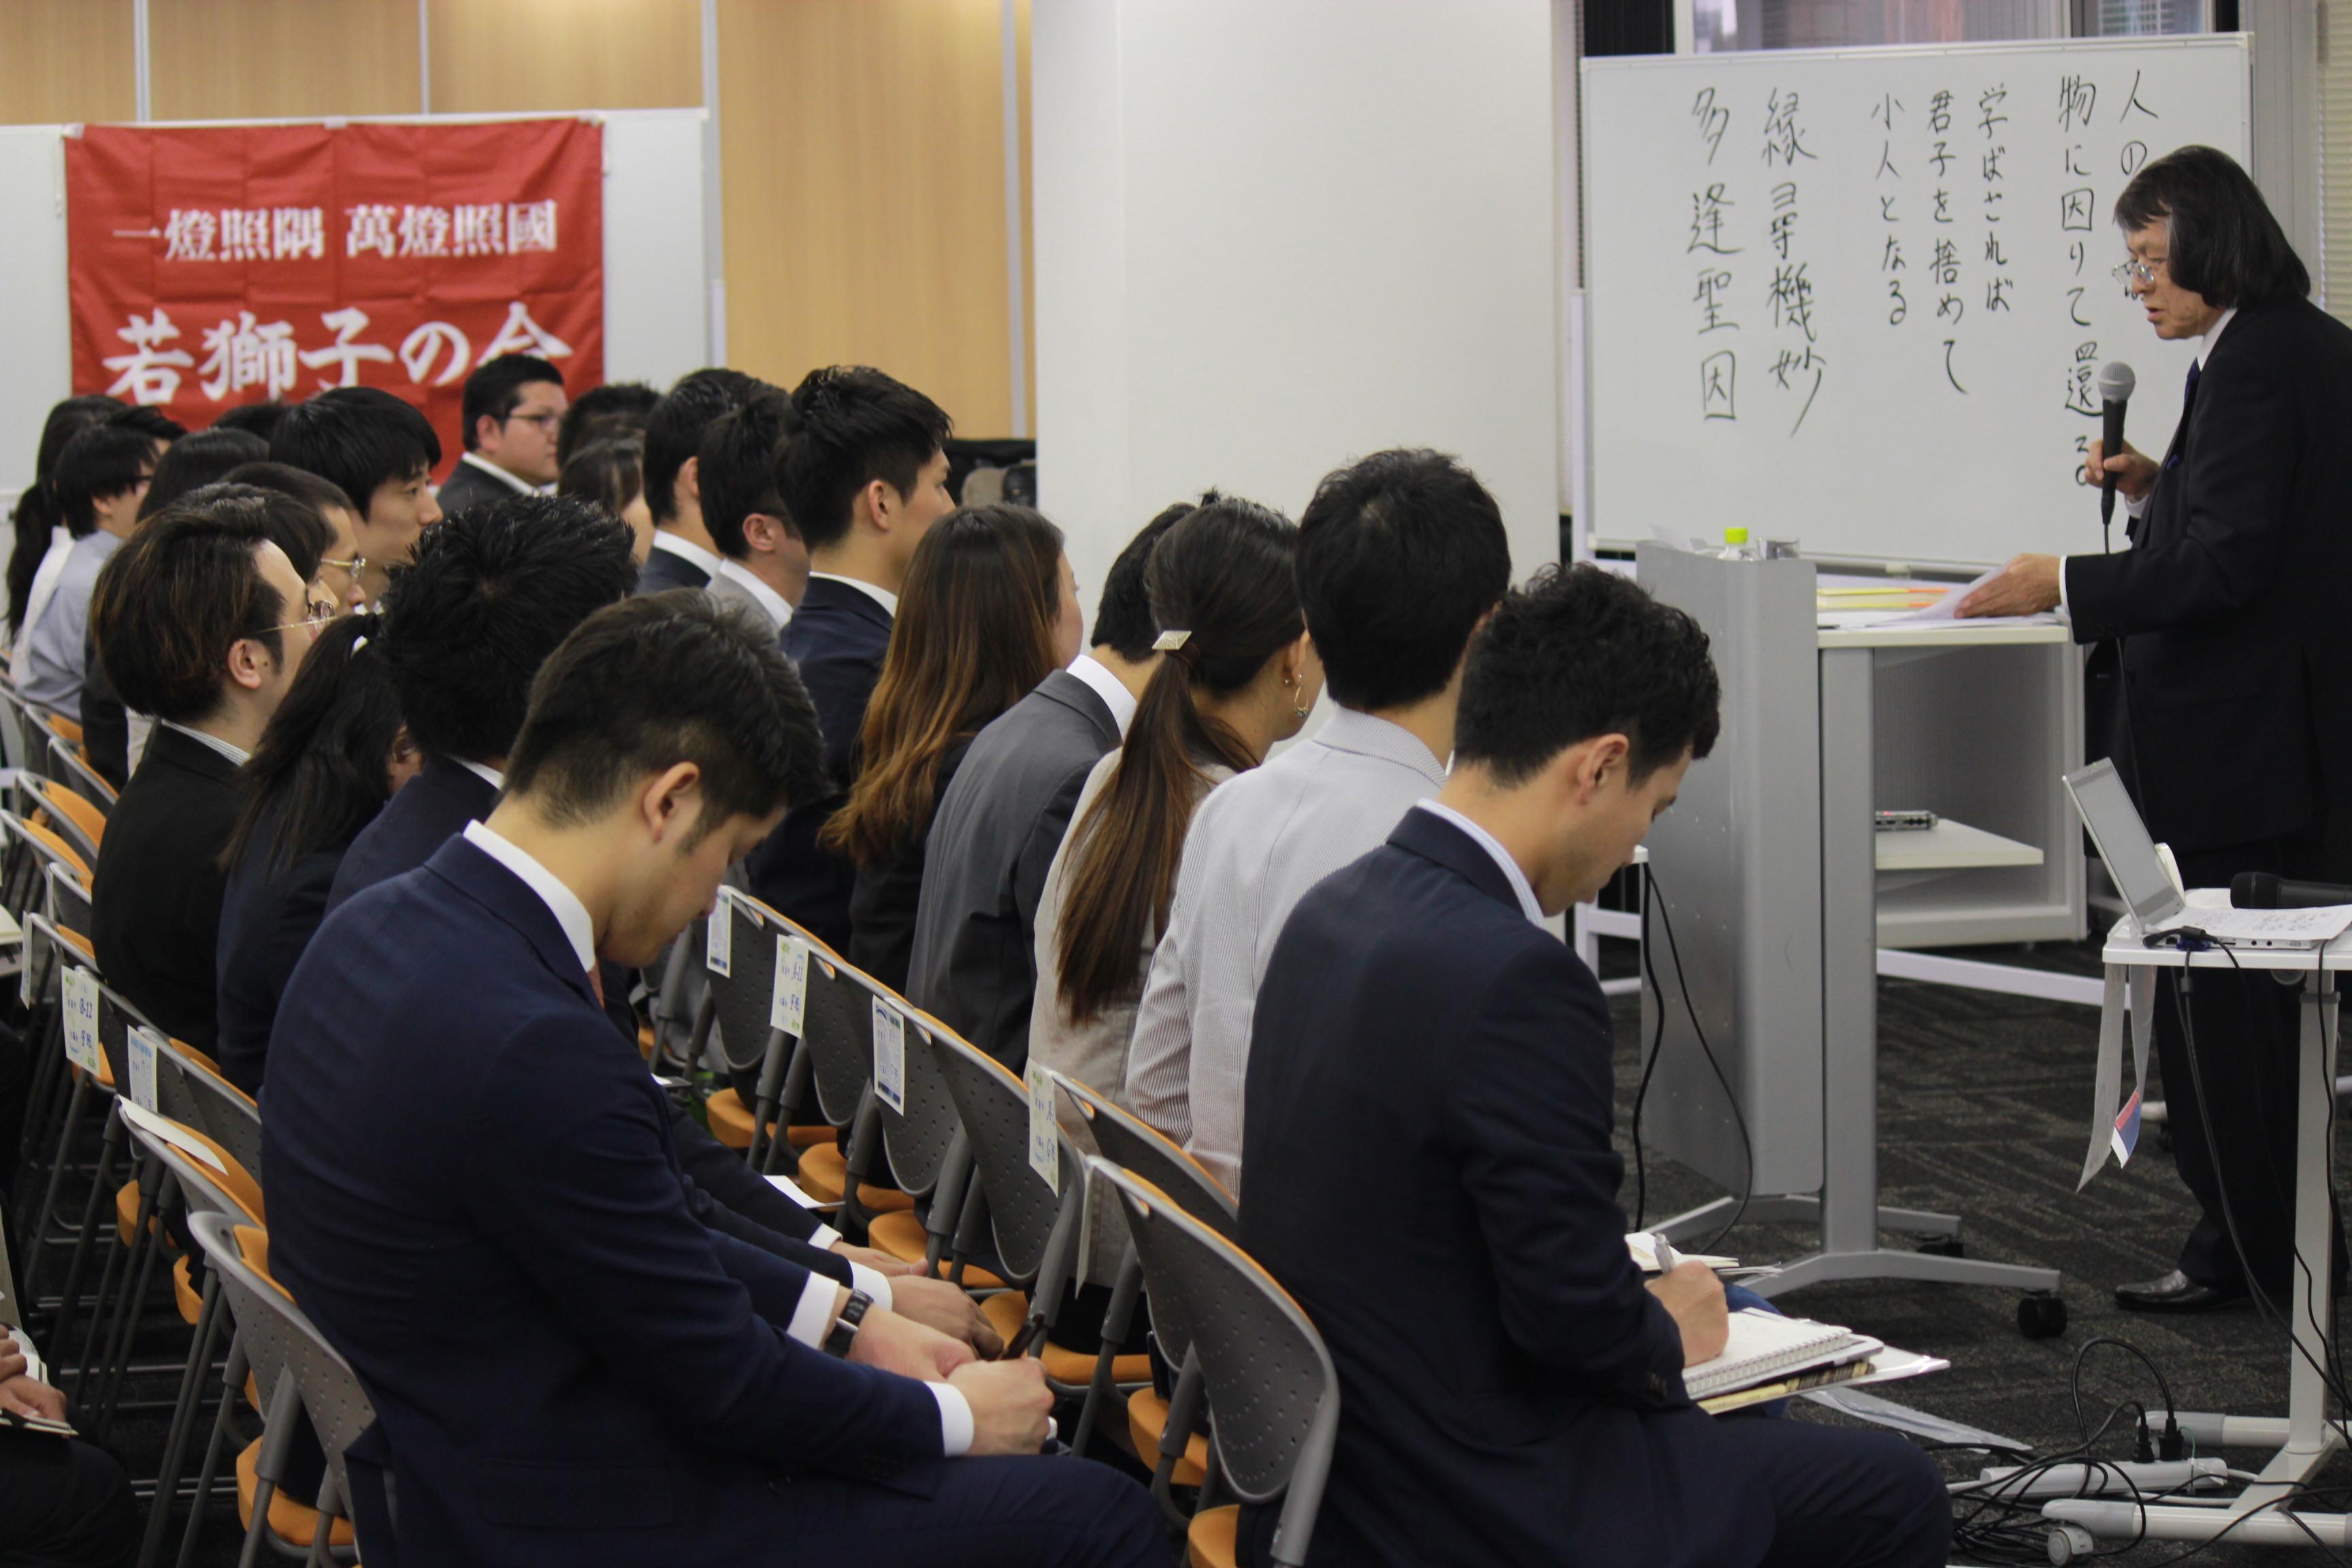 IMG 7841 - 関東若獅子の会、記念すべき第100回